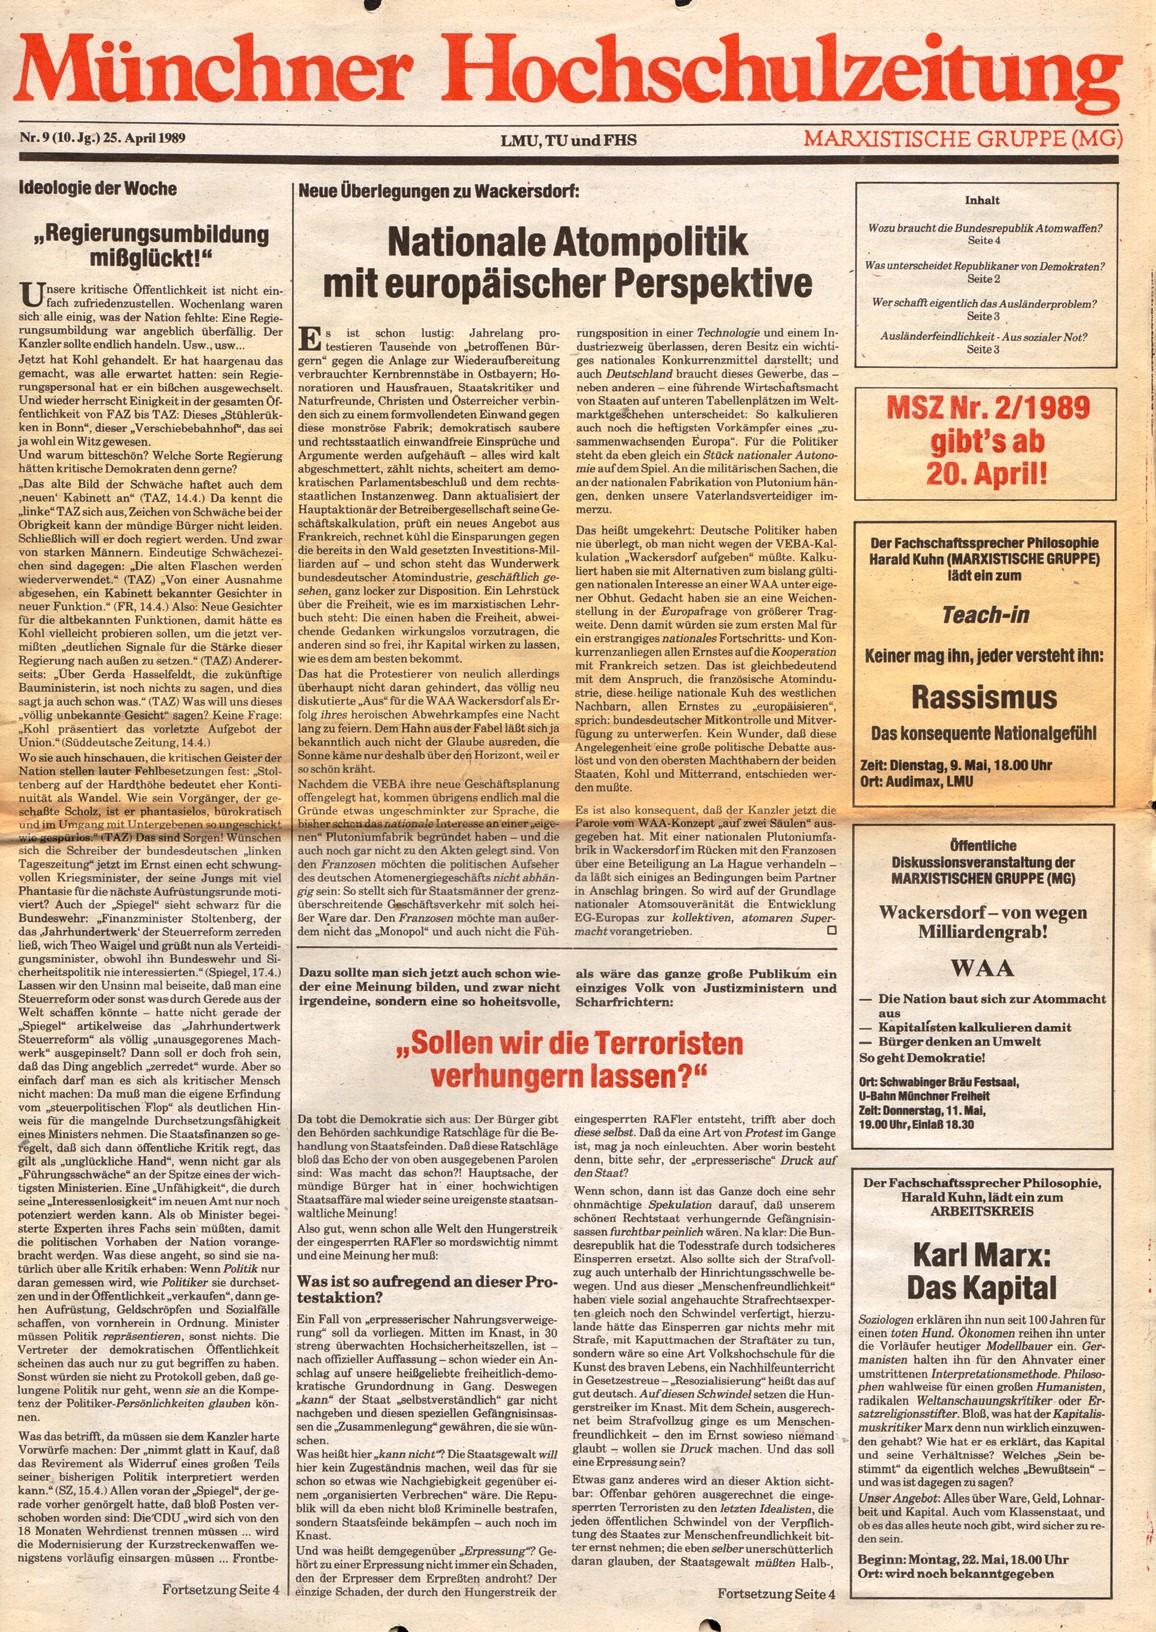 Muenchen_MG_Hochschulzeitung_19890425_01